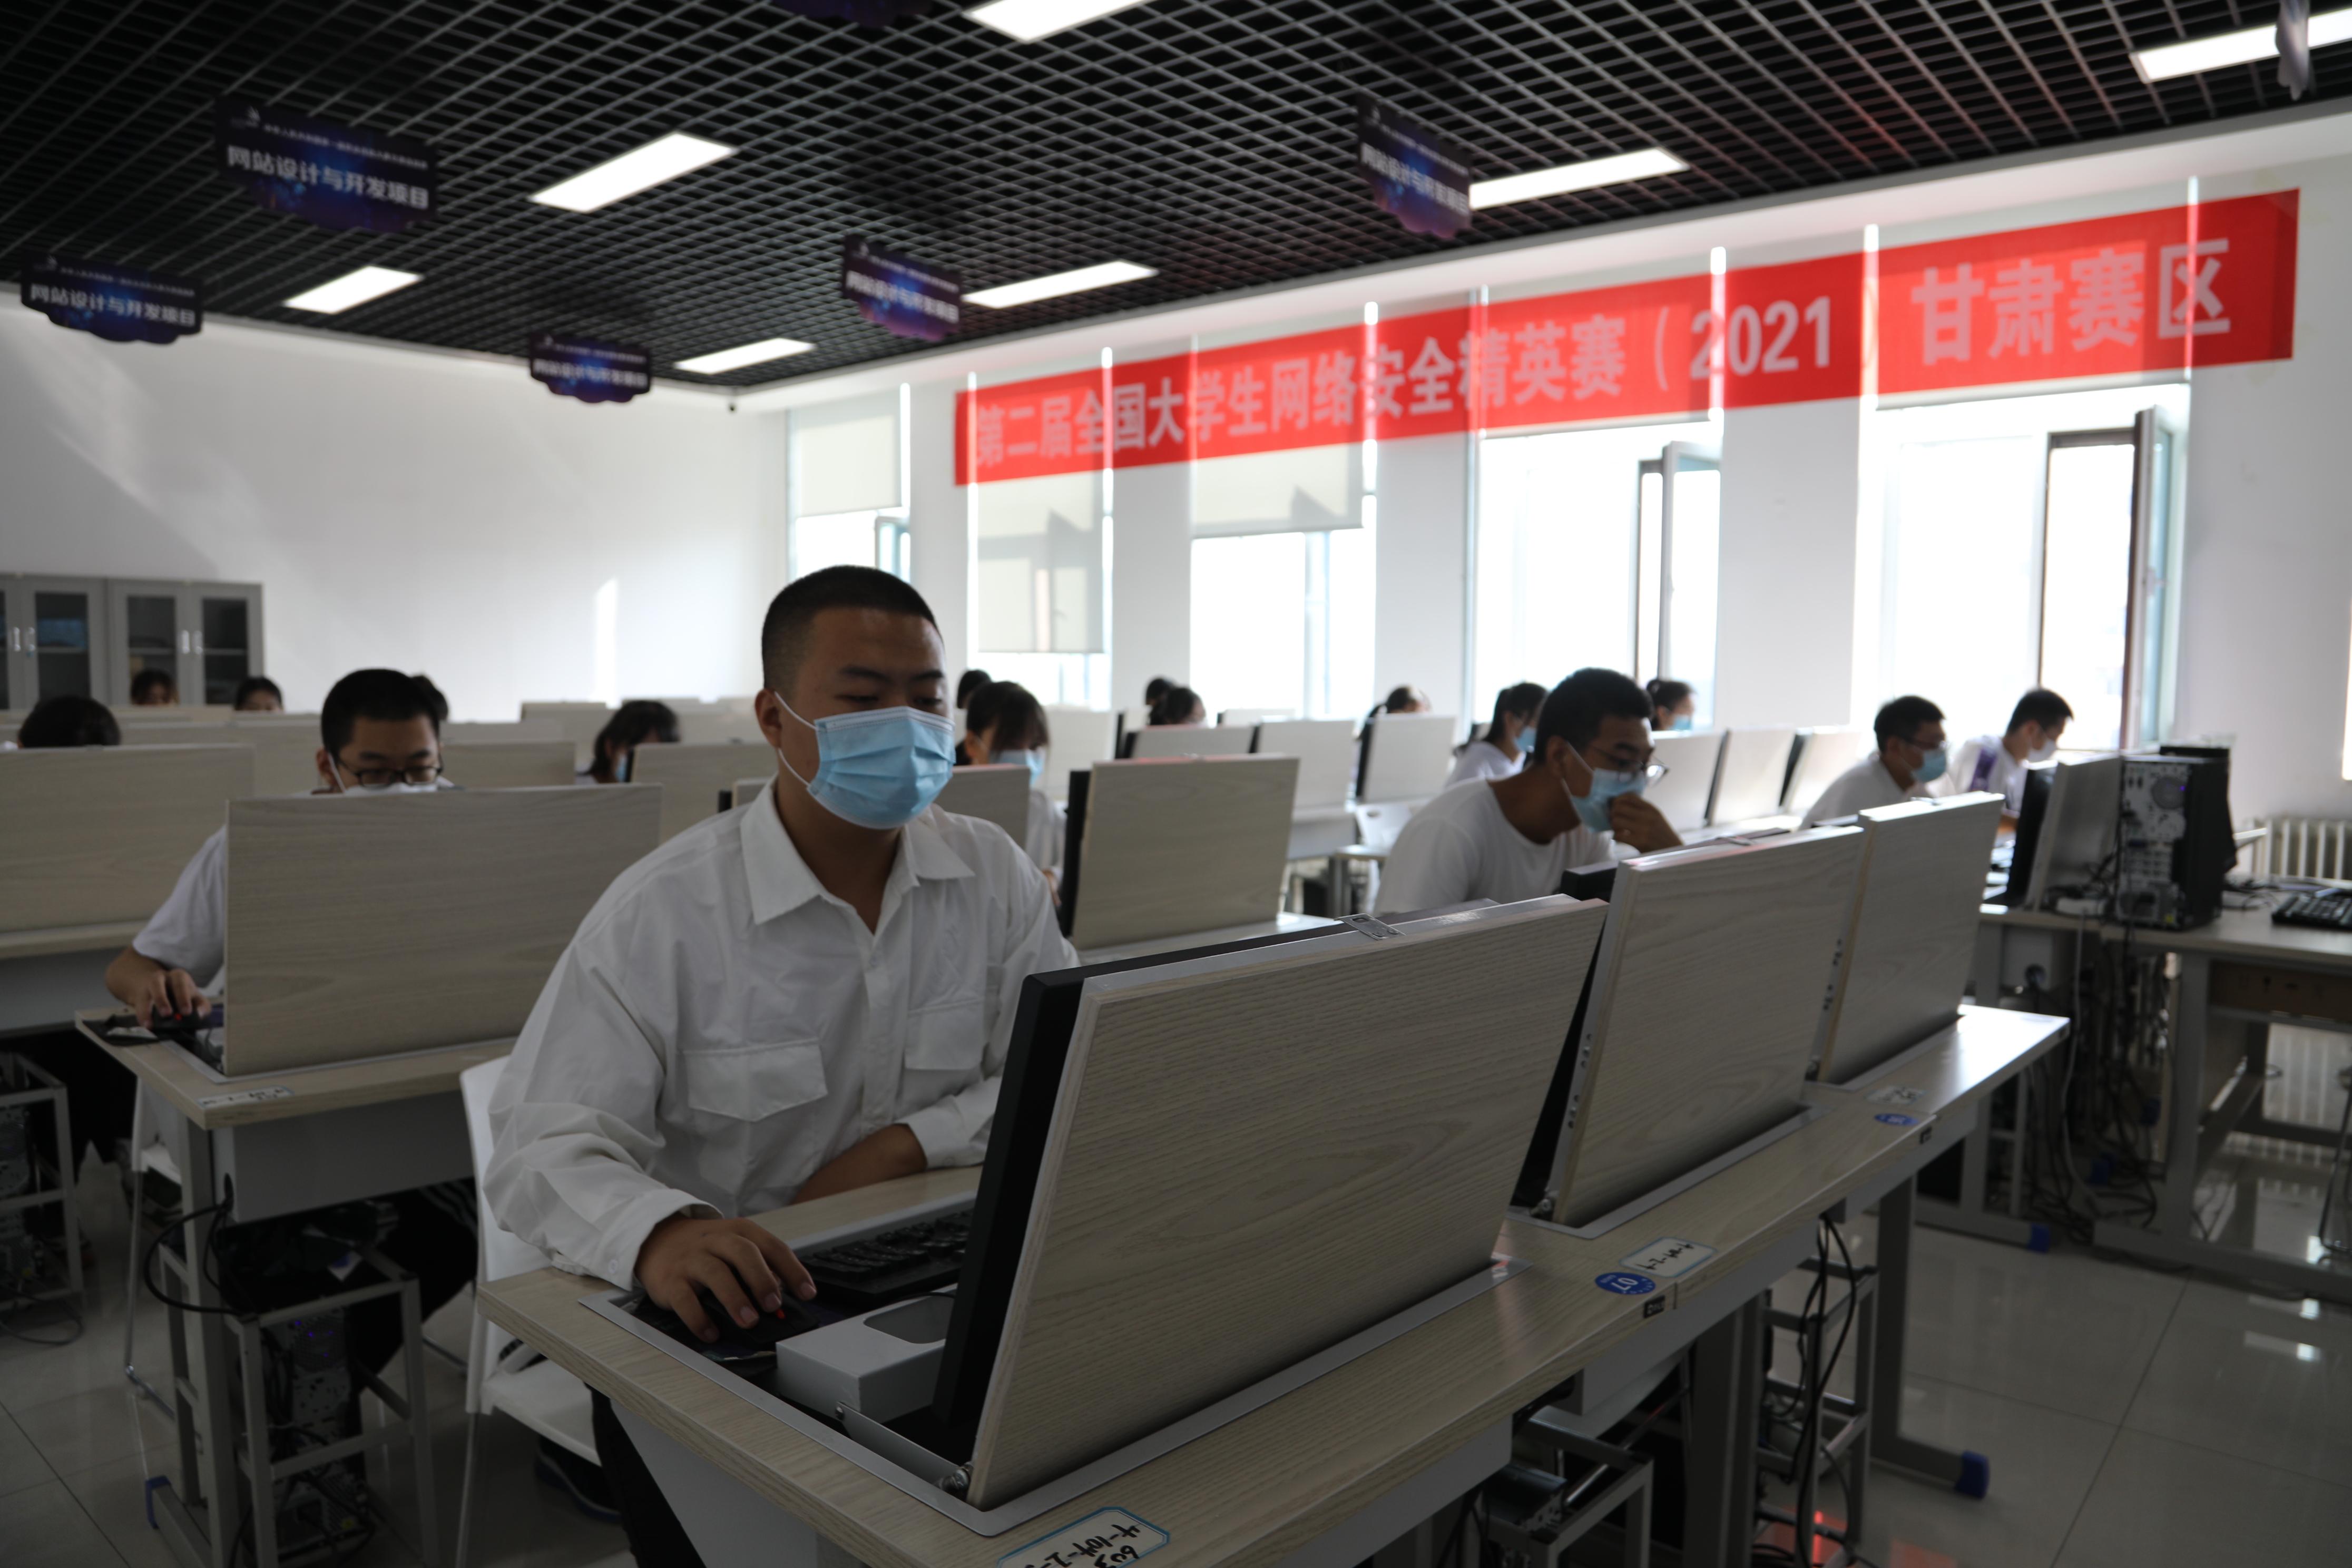 2021第二届全国大学生网络安全精英赛甘肃赛区开赛仪式在兰州职业技术学院举行